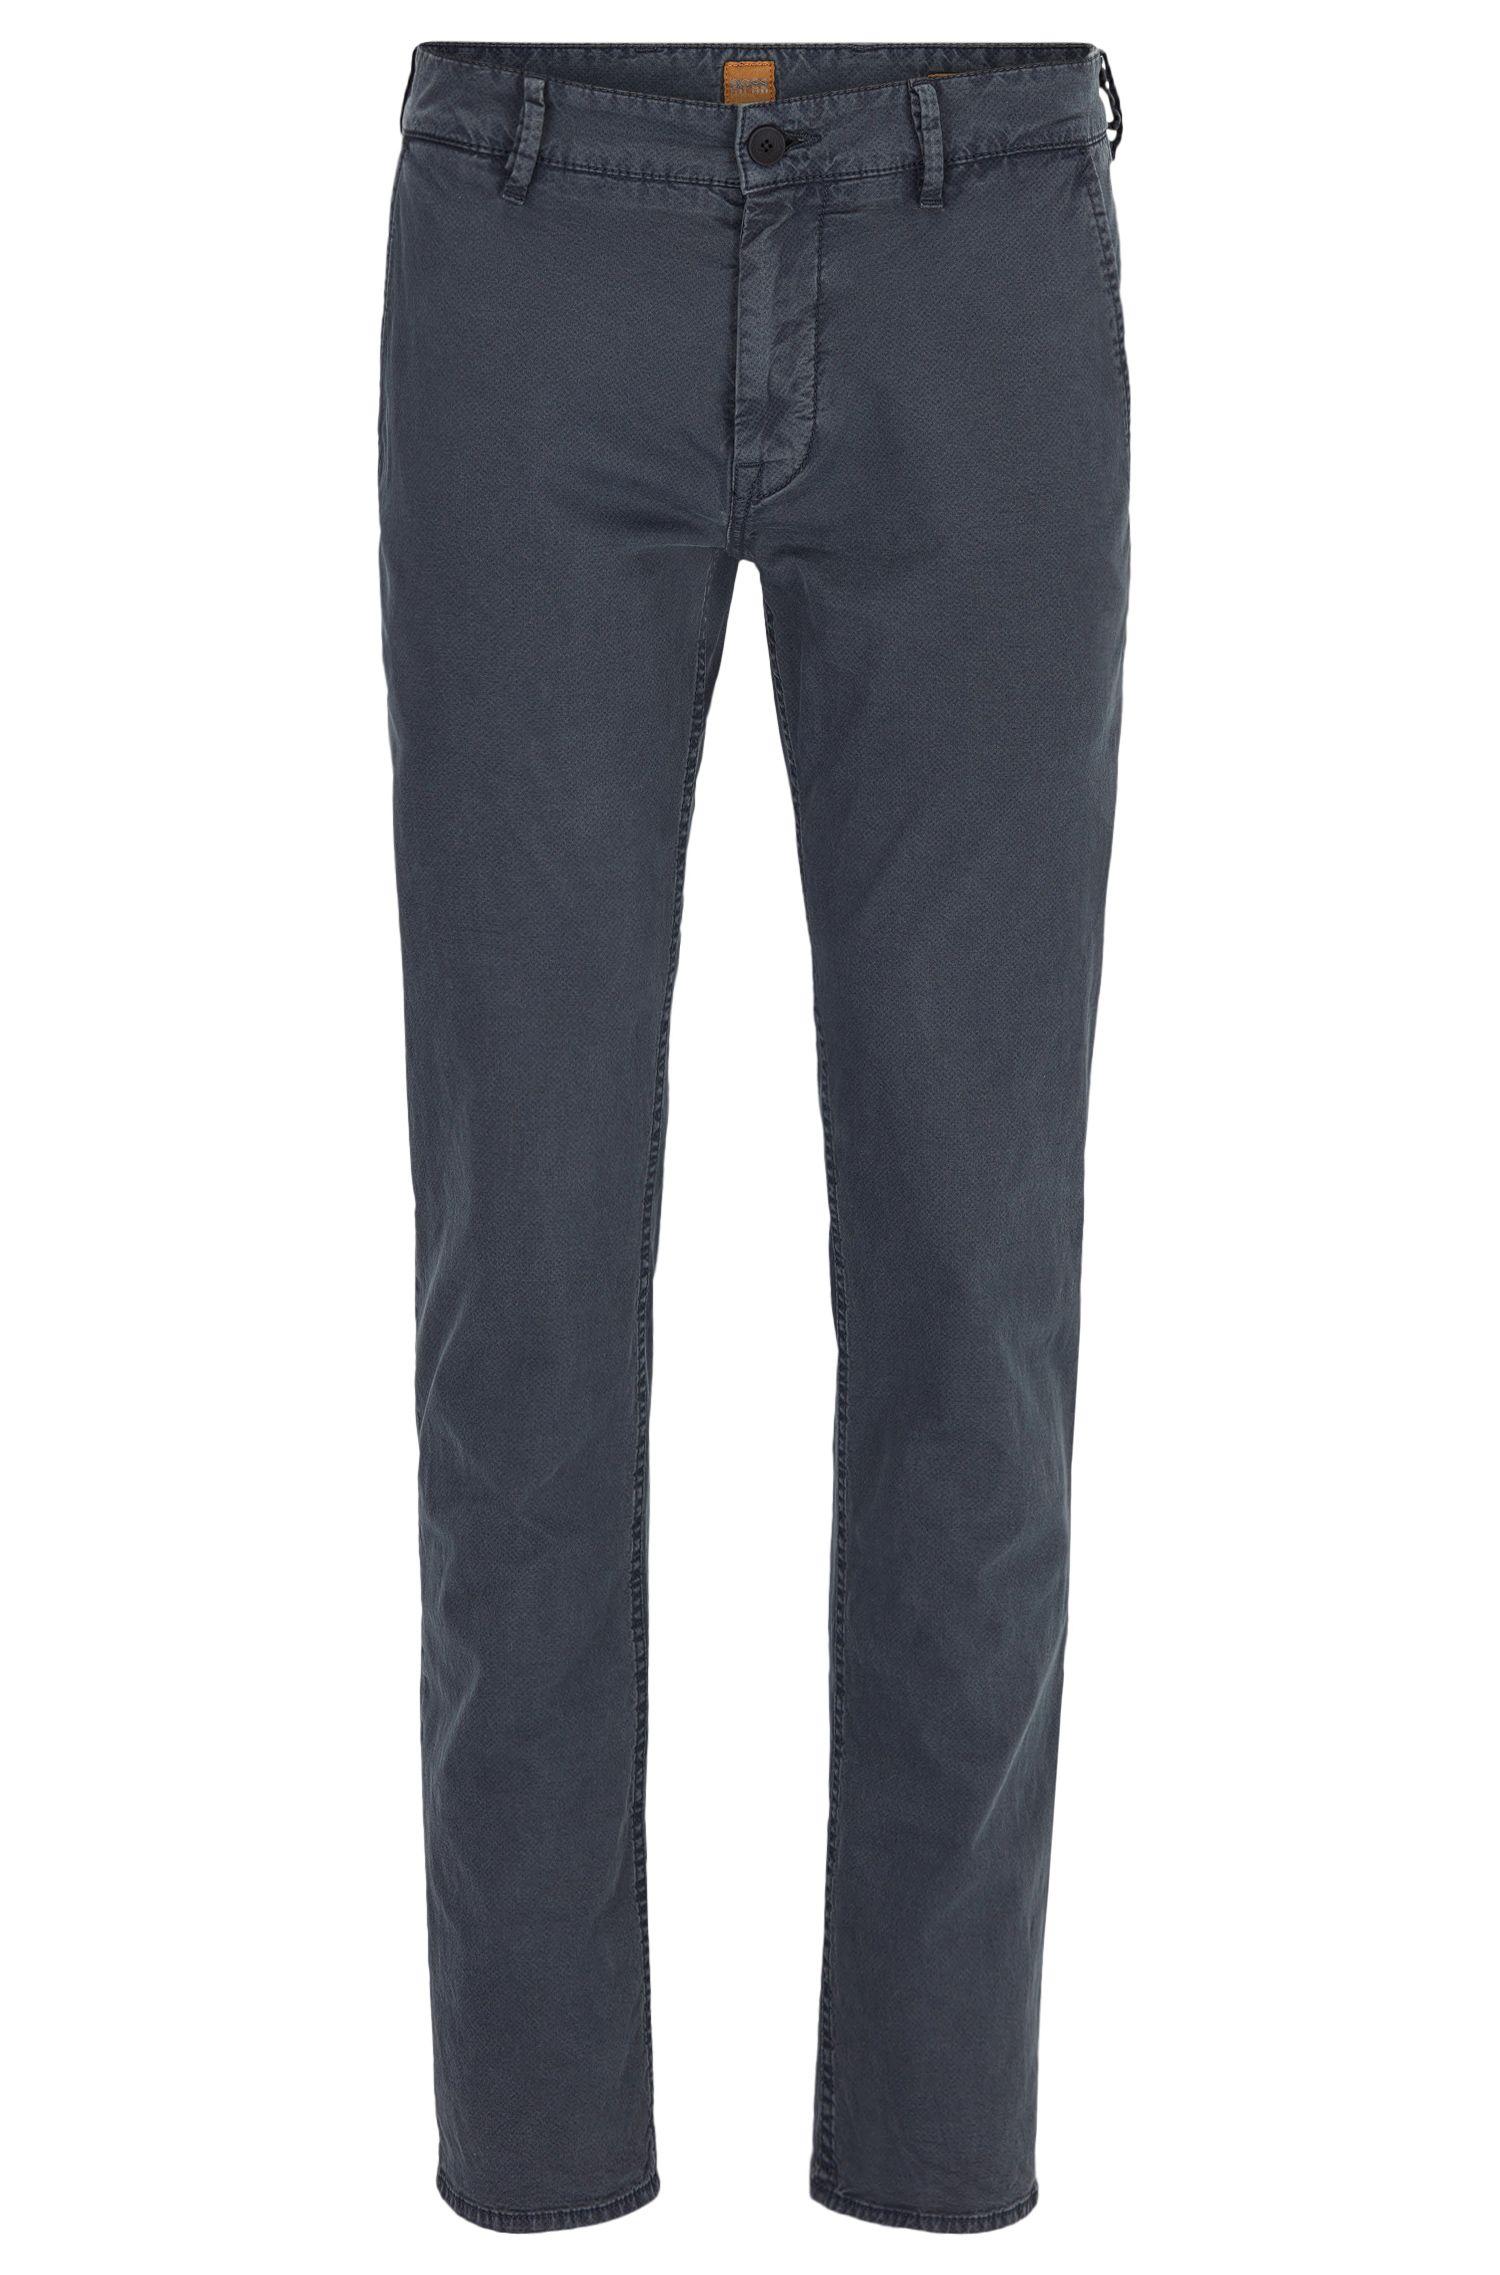 Pantalon Slim Fit en coton italien stretch